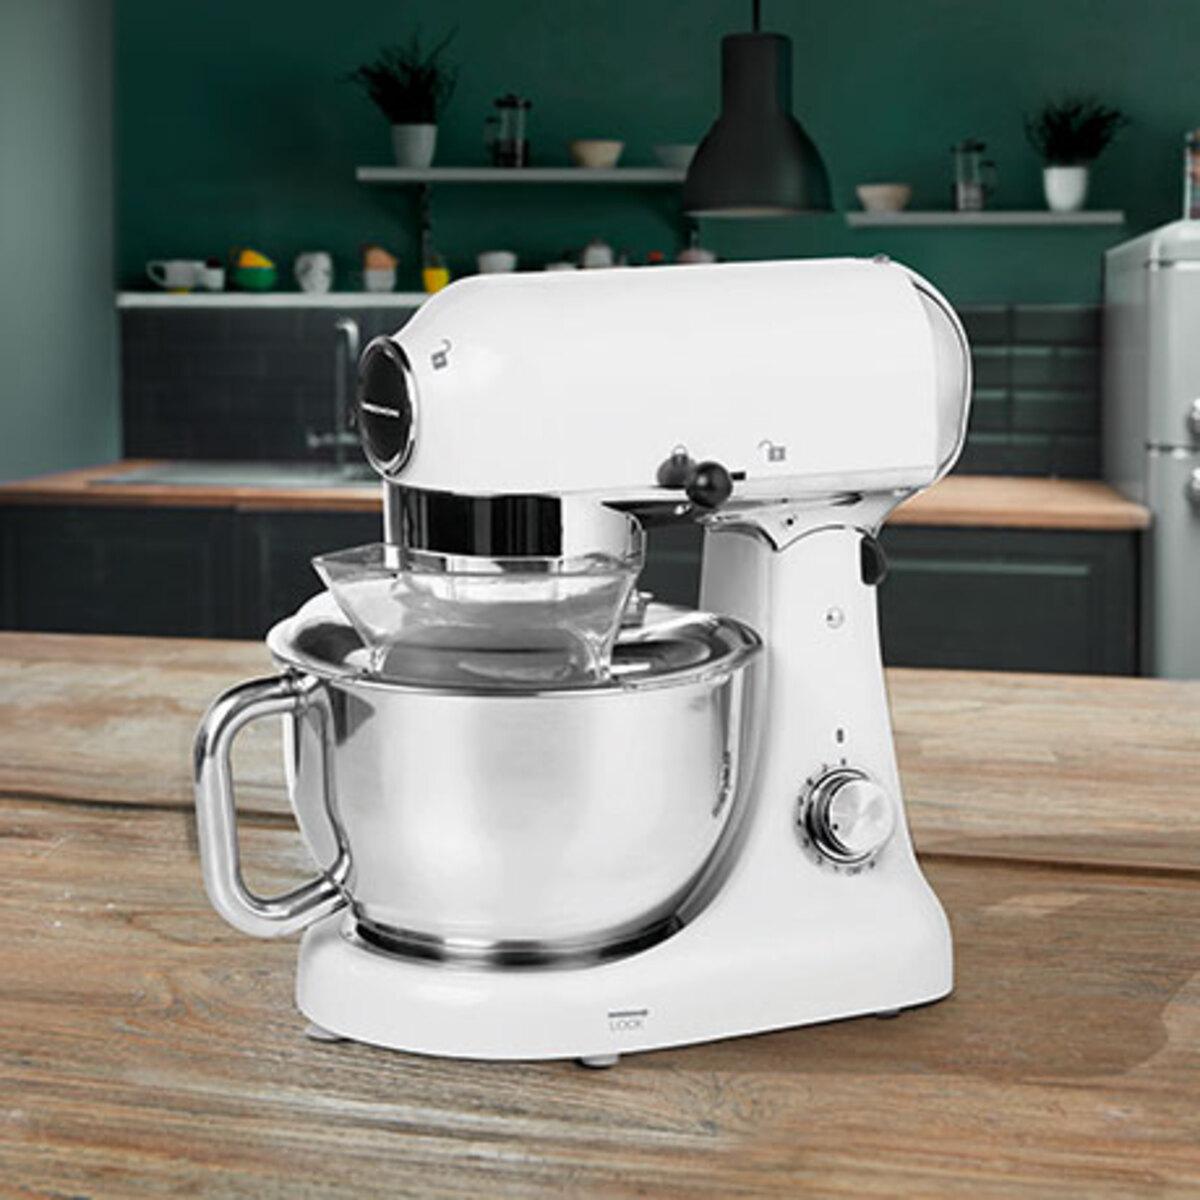 Bild 1 von Küchenmaschine MD 16480 weiß1